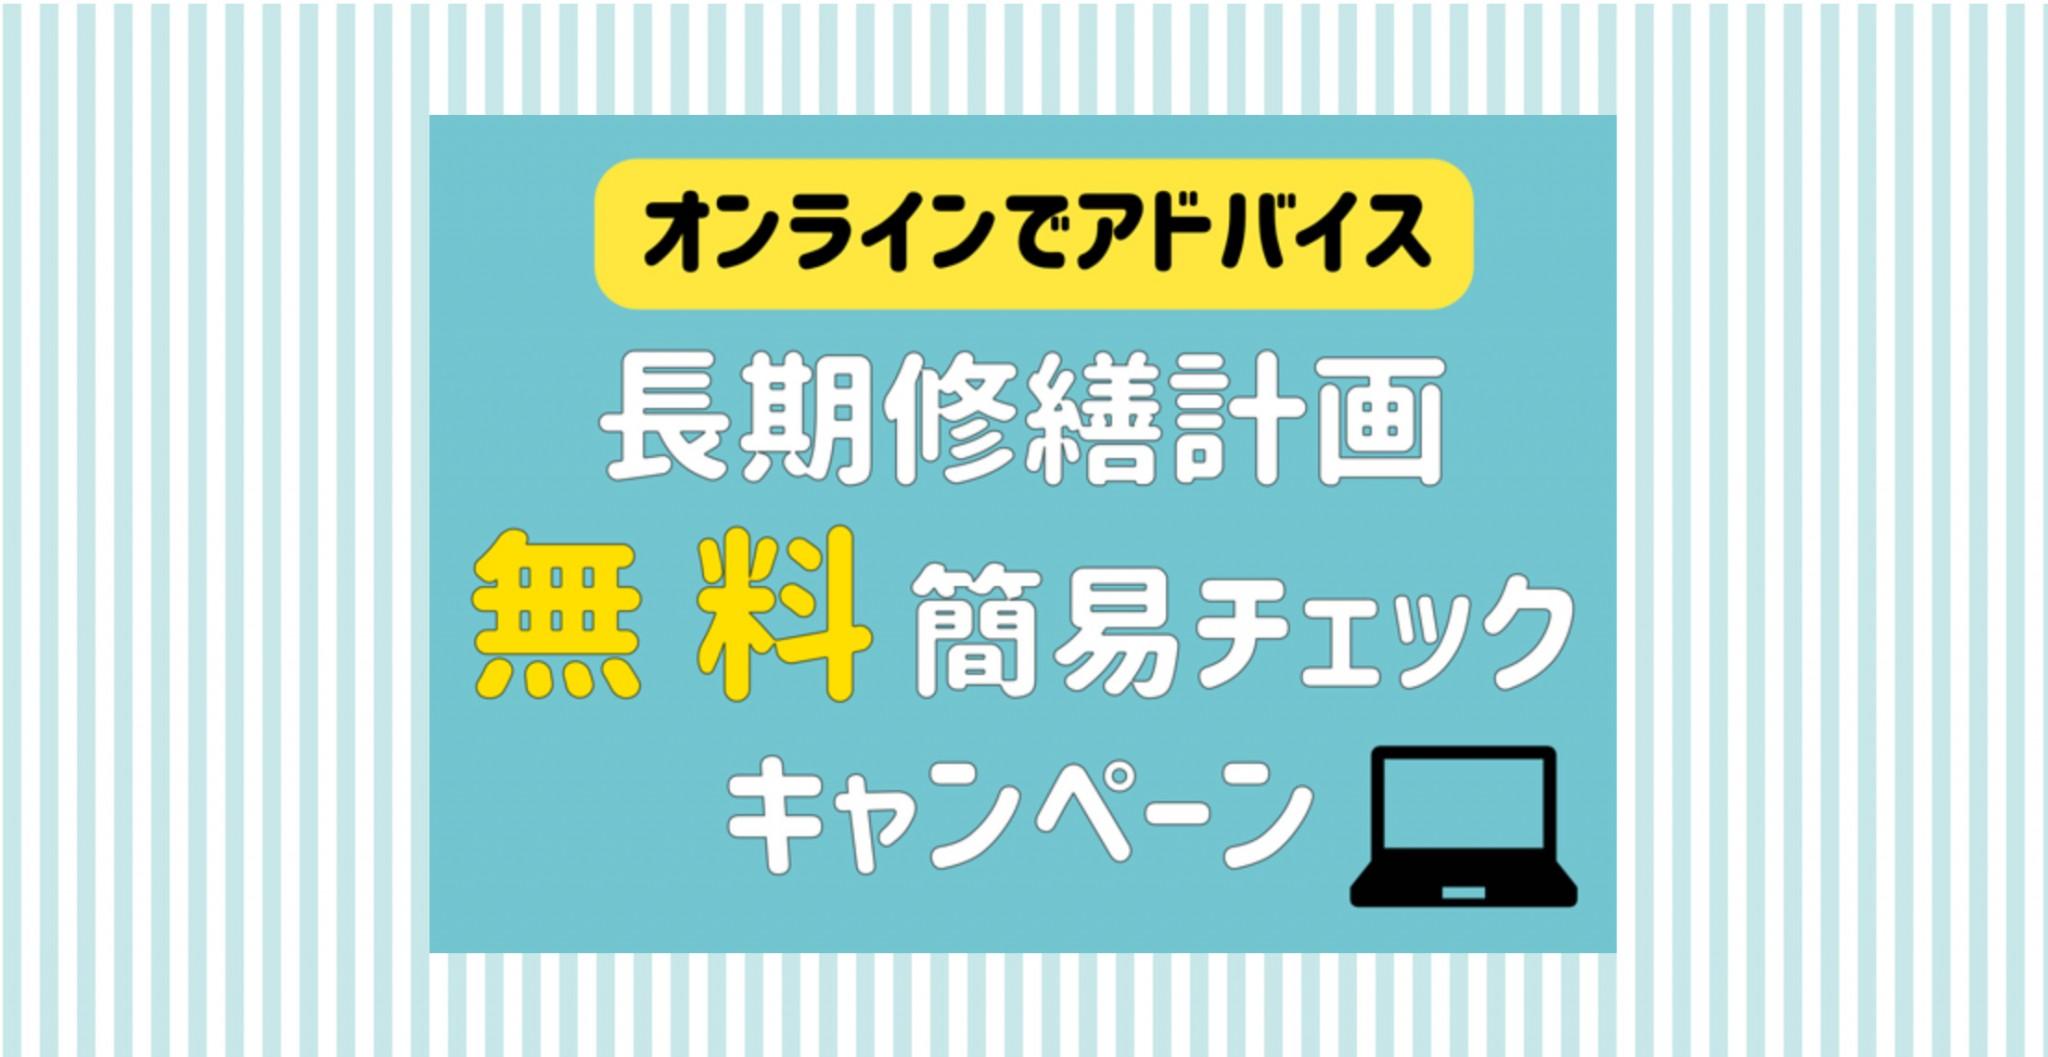 ※今月は受付終了※【オンライン対応】長期修繕計画 無料簡易チェックキャンペーン スタート